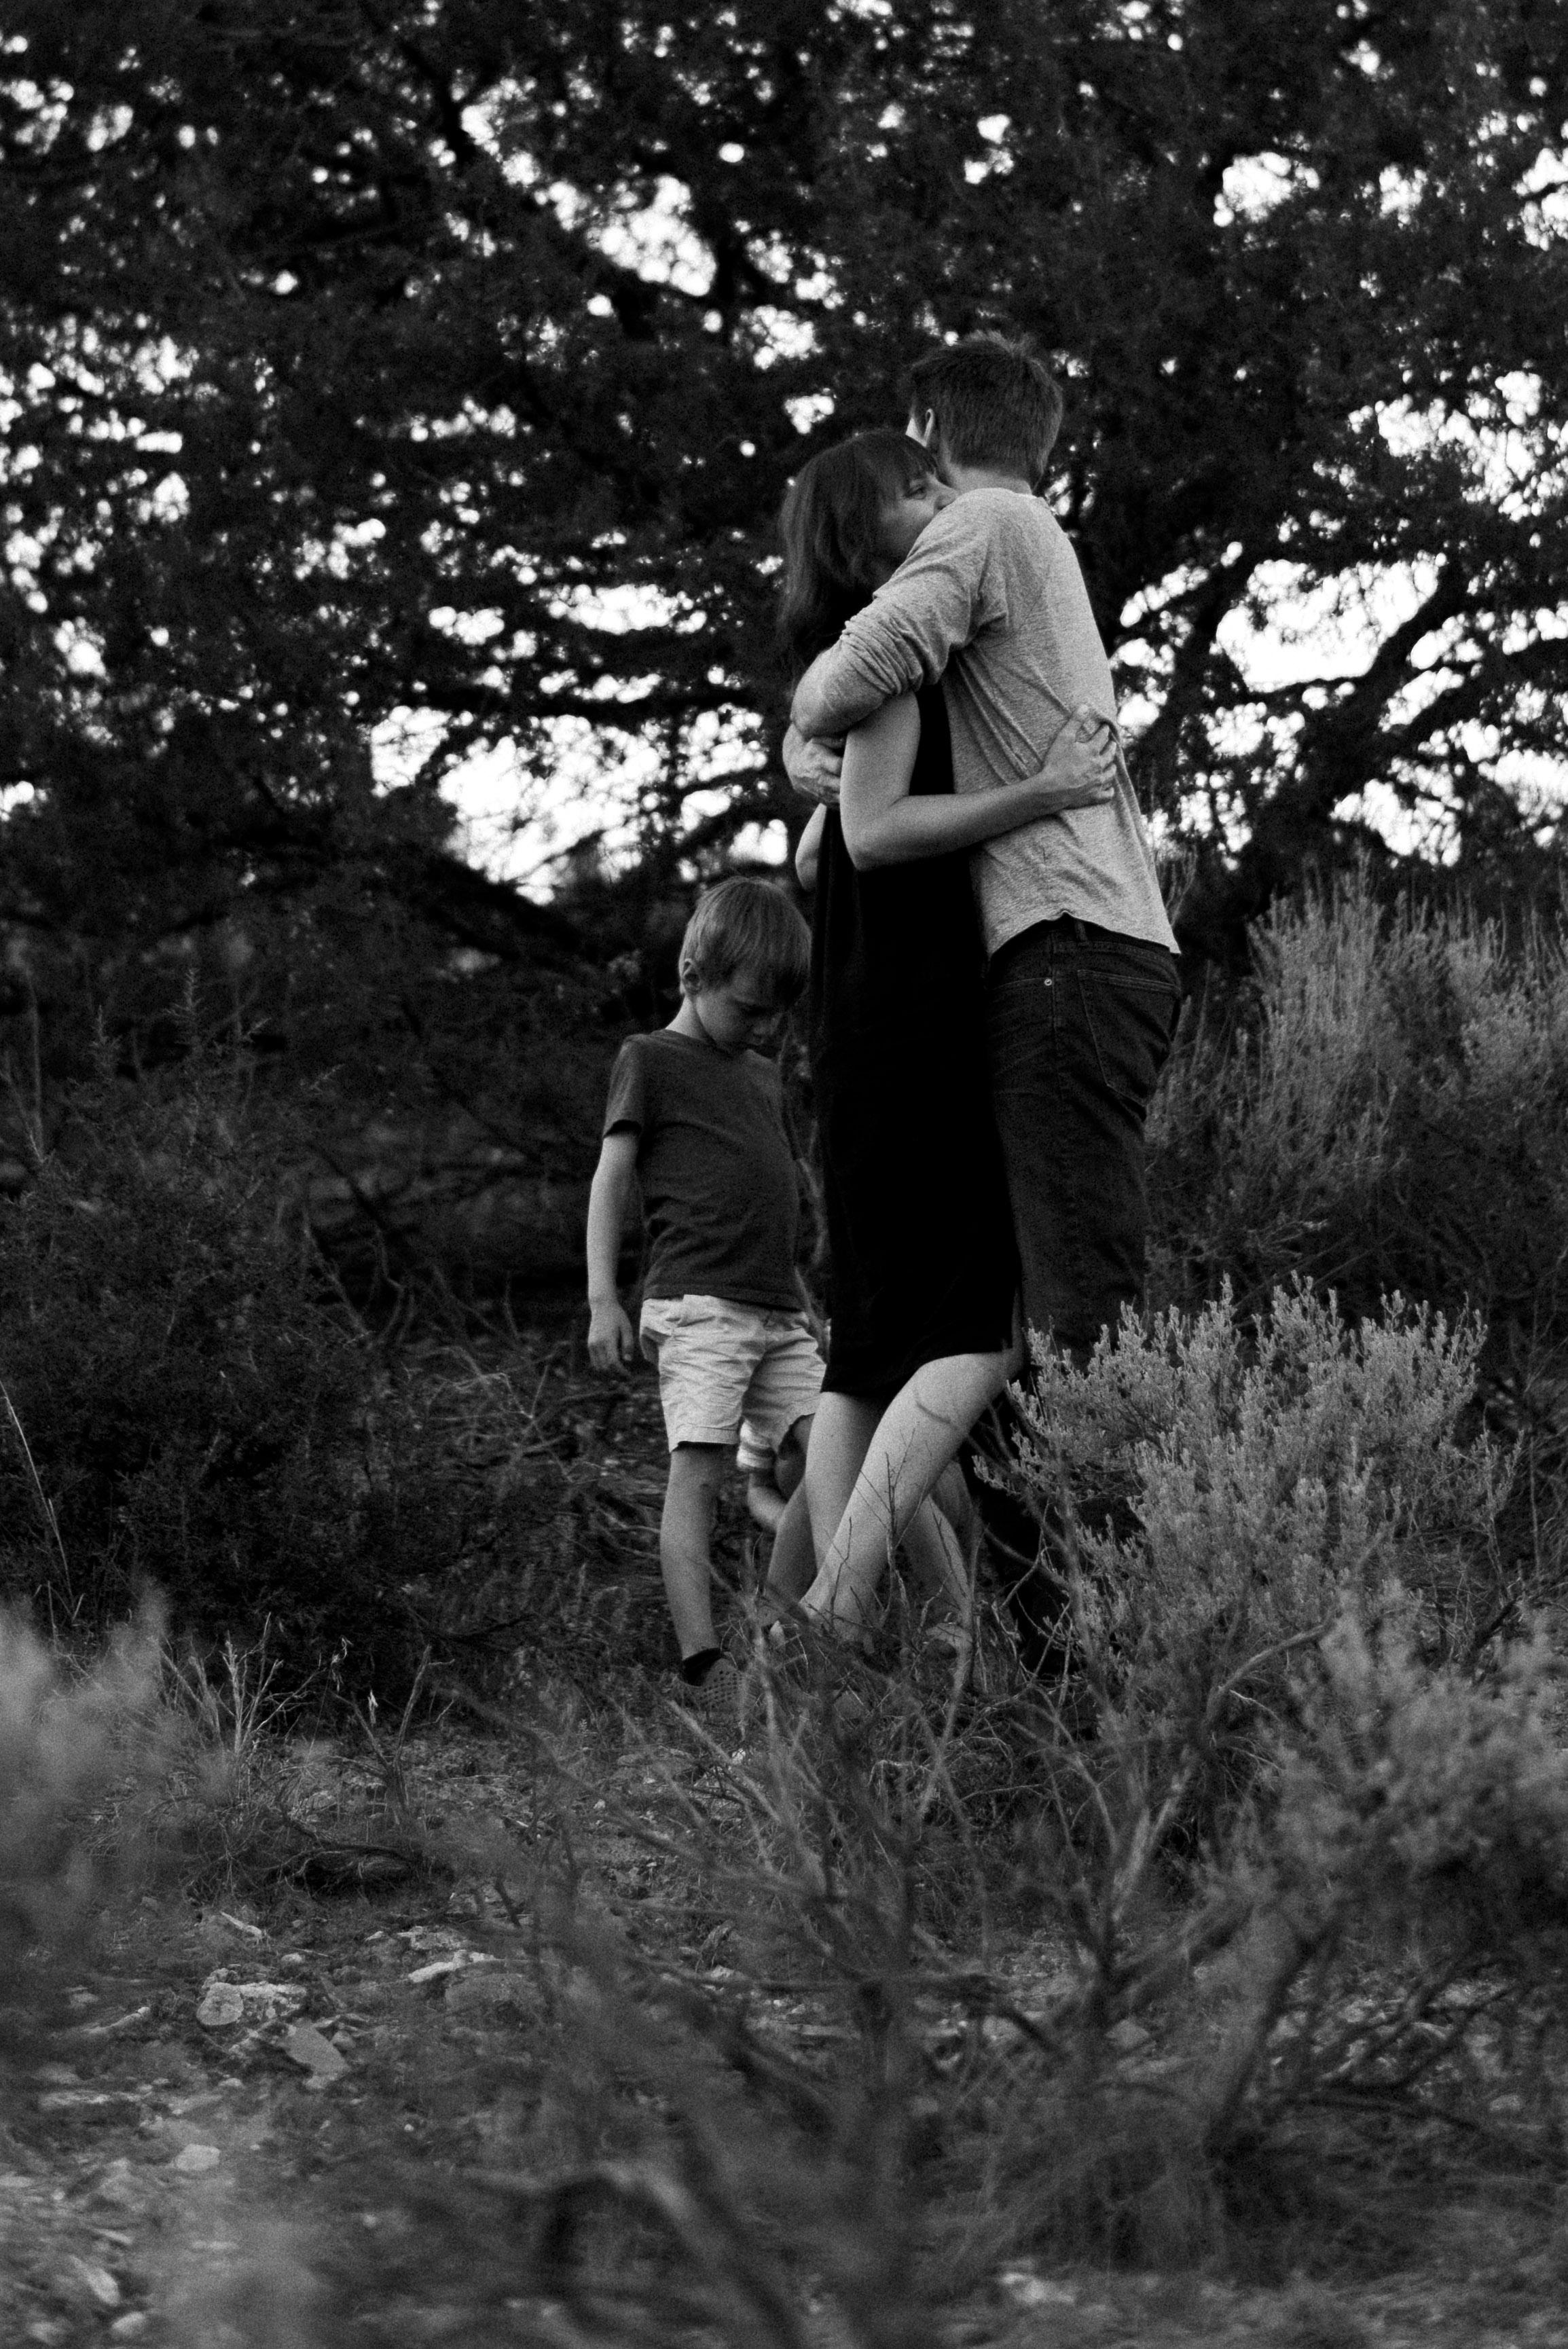 desert family photos utah alyssa sorenson-56.jpg